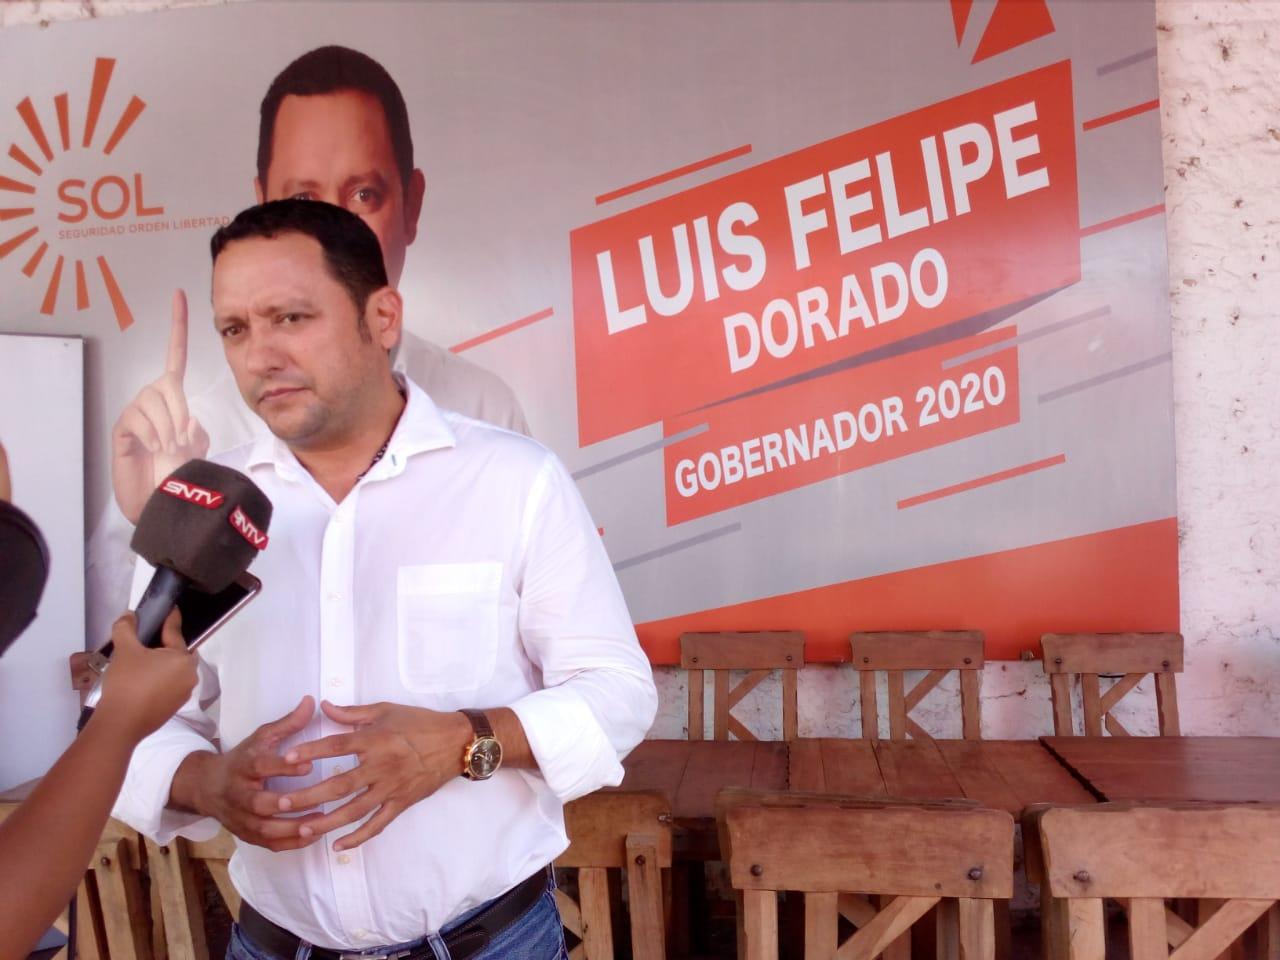 Luis Felipe Dorado es uno de los opositores a Áñez y los Demócratas /